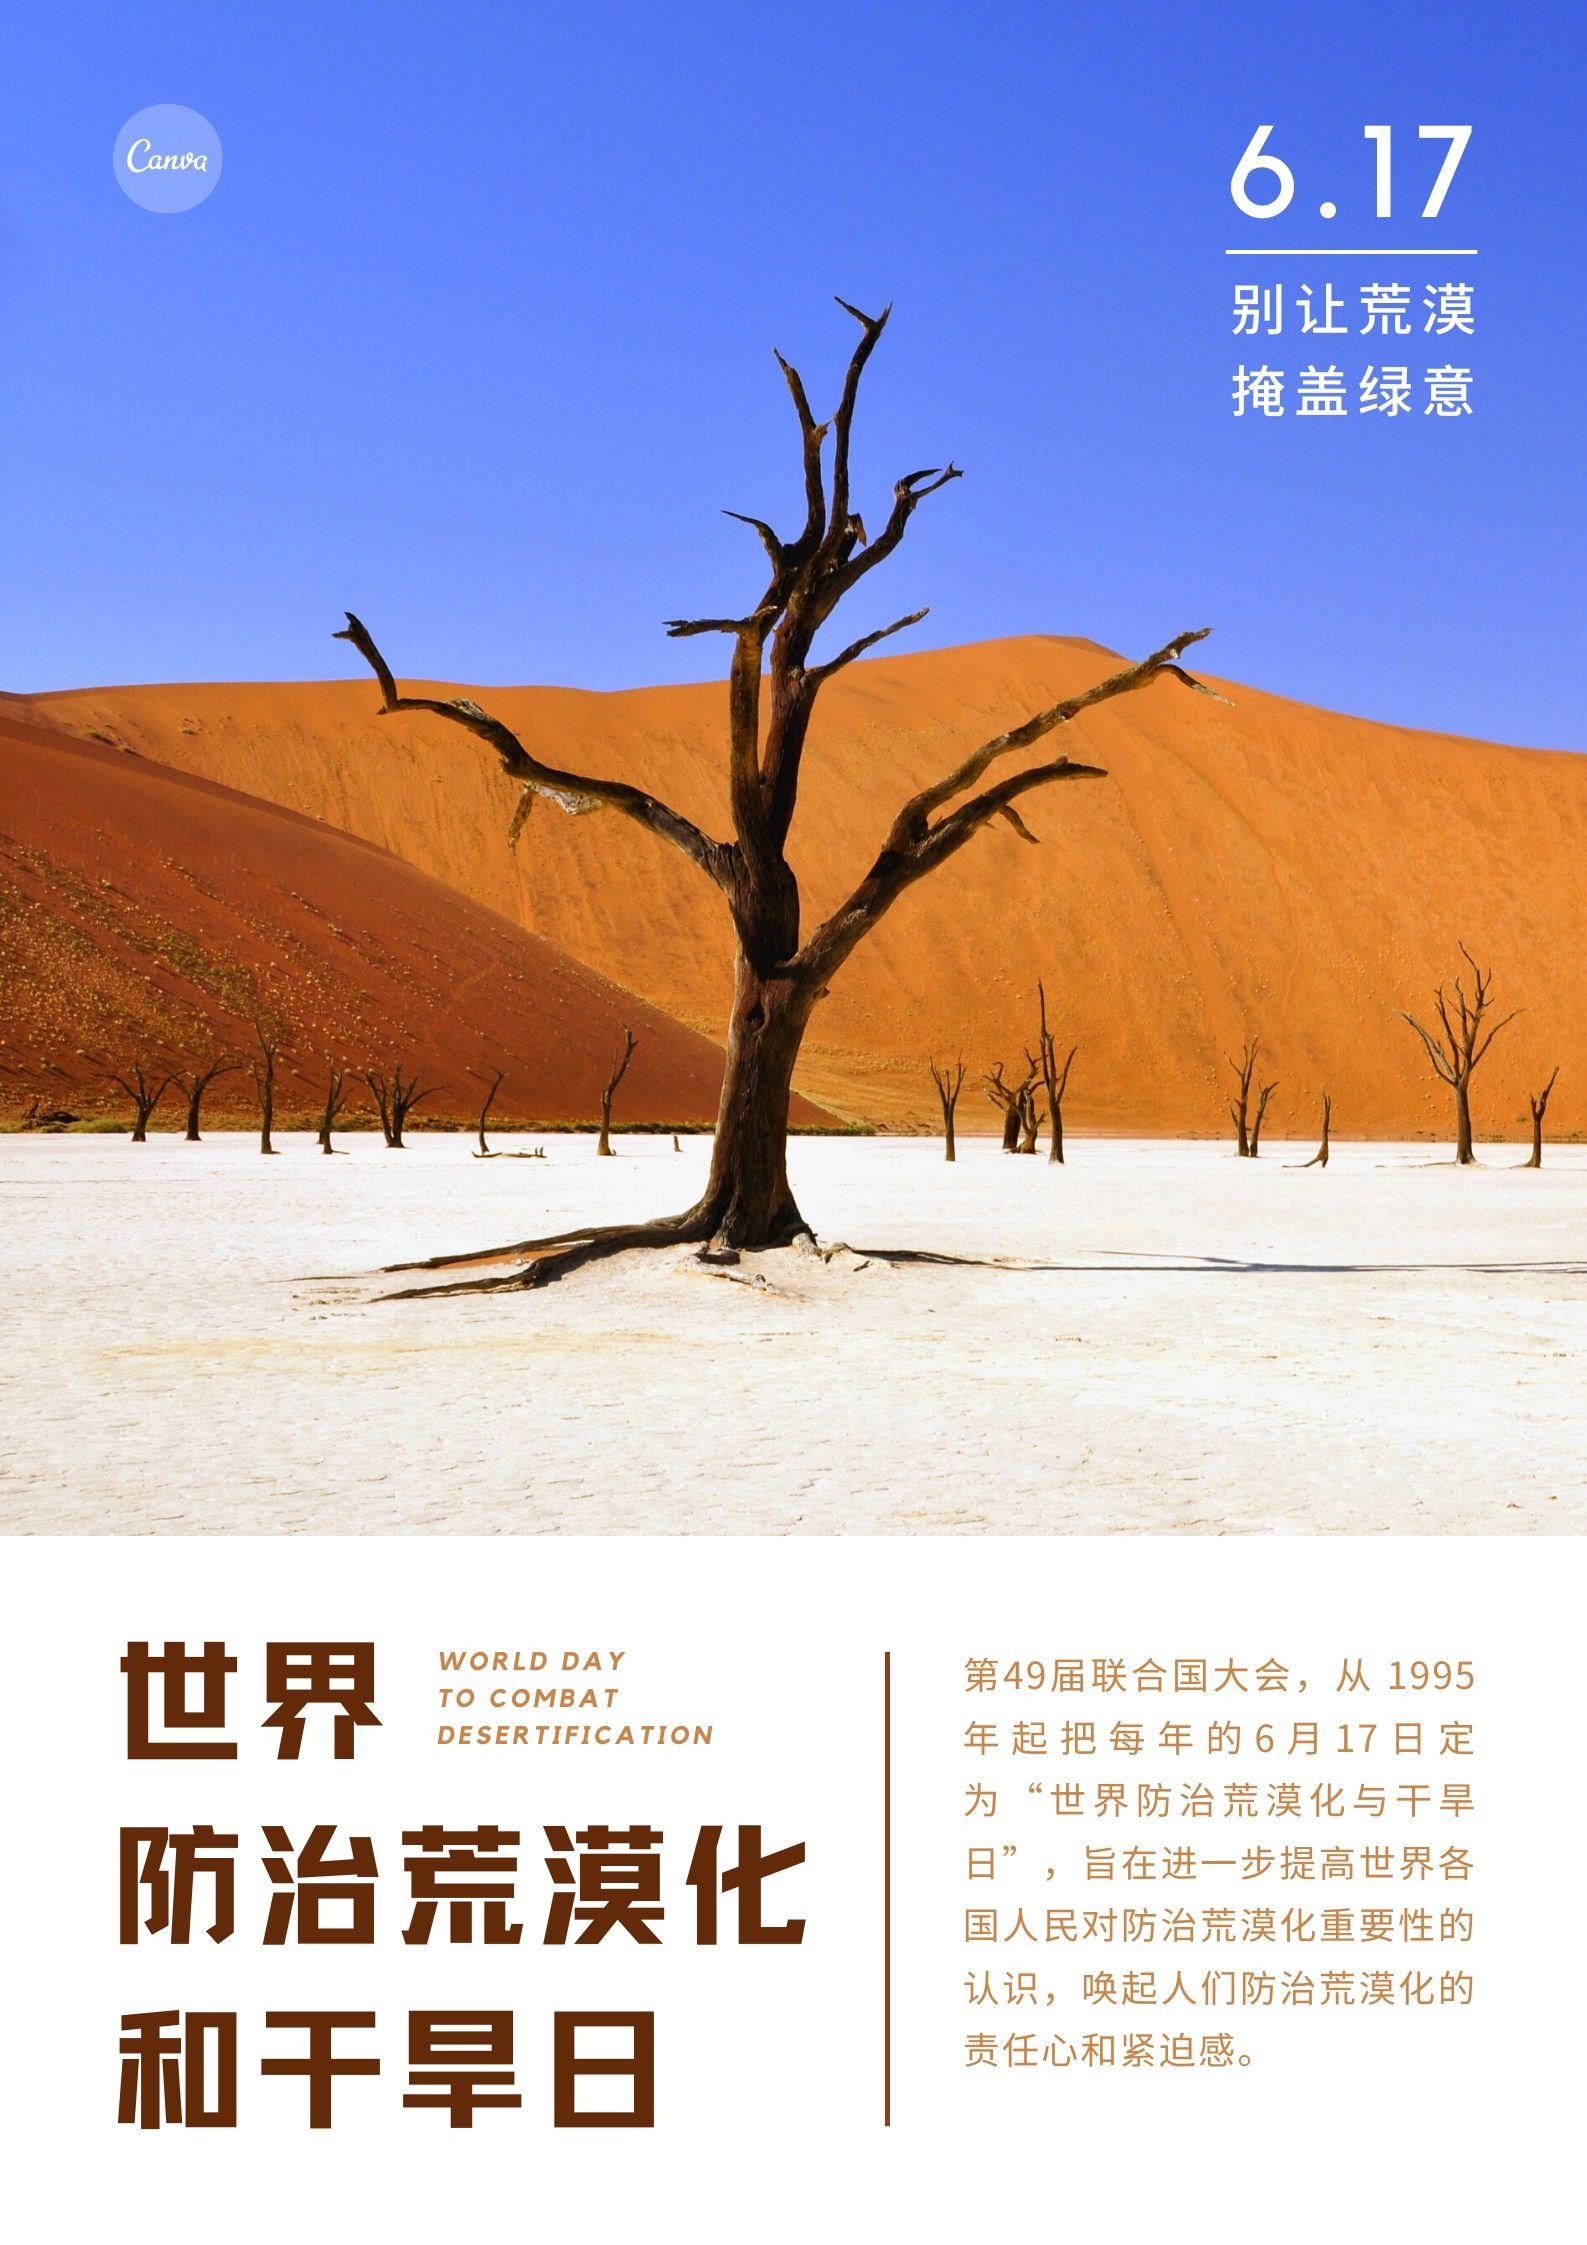 世界防止荒漠化和干旱日海报